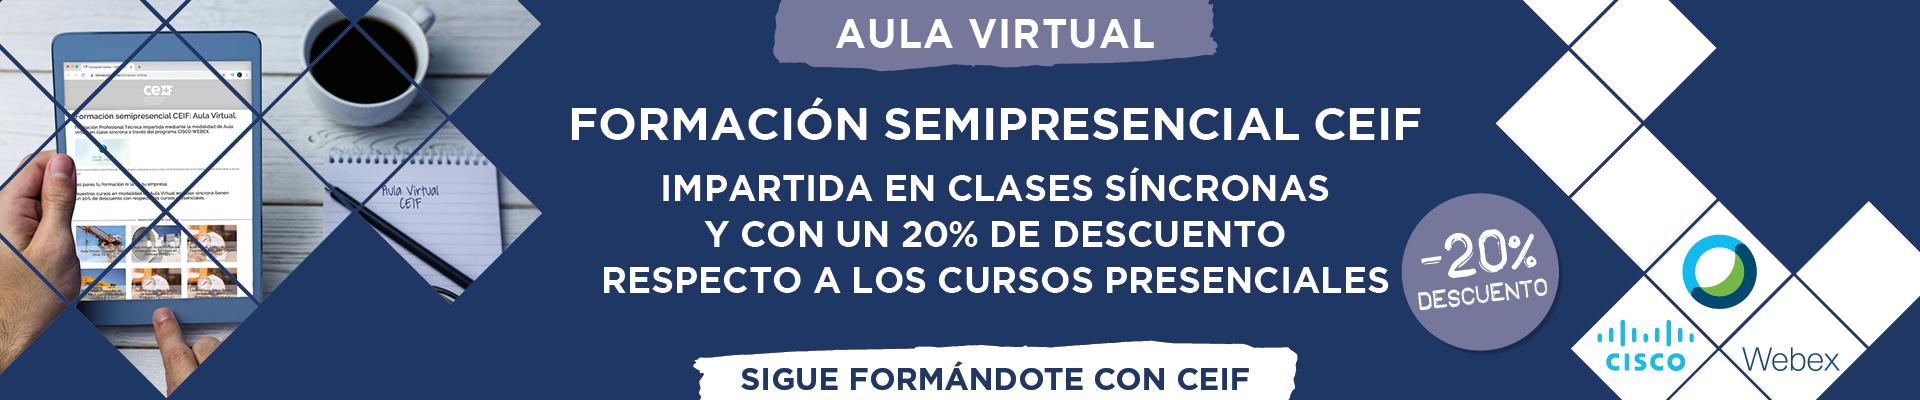 Aula virtual CEIF